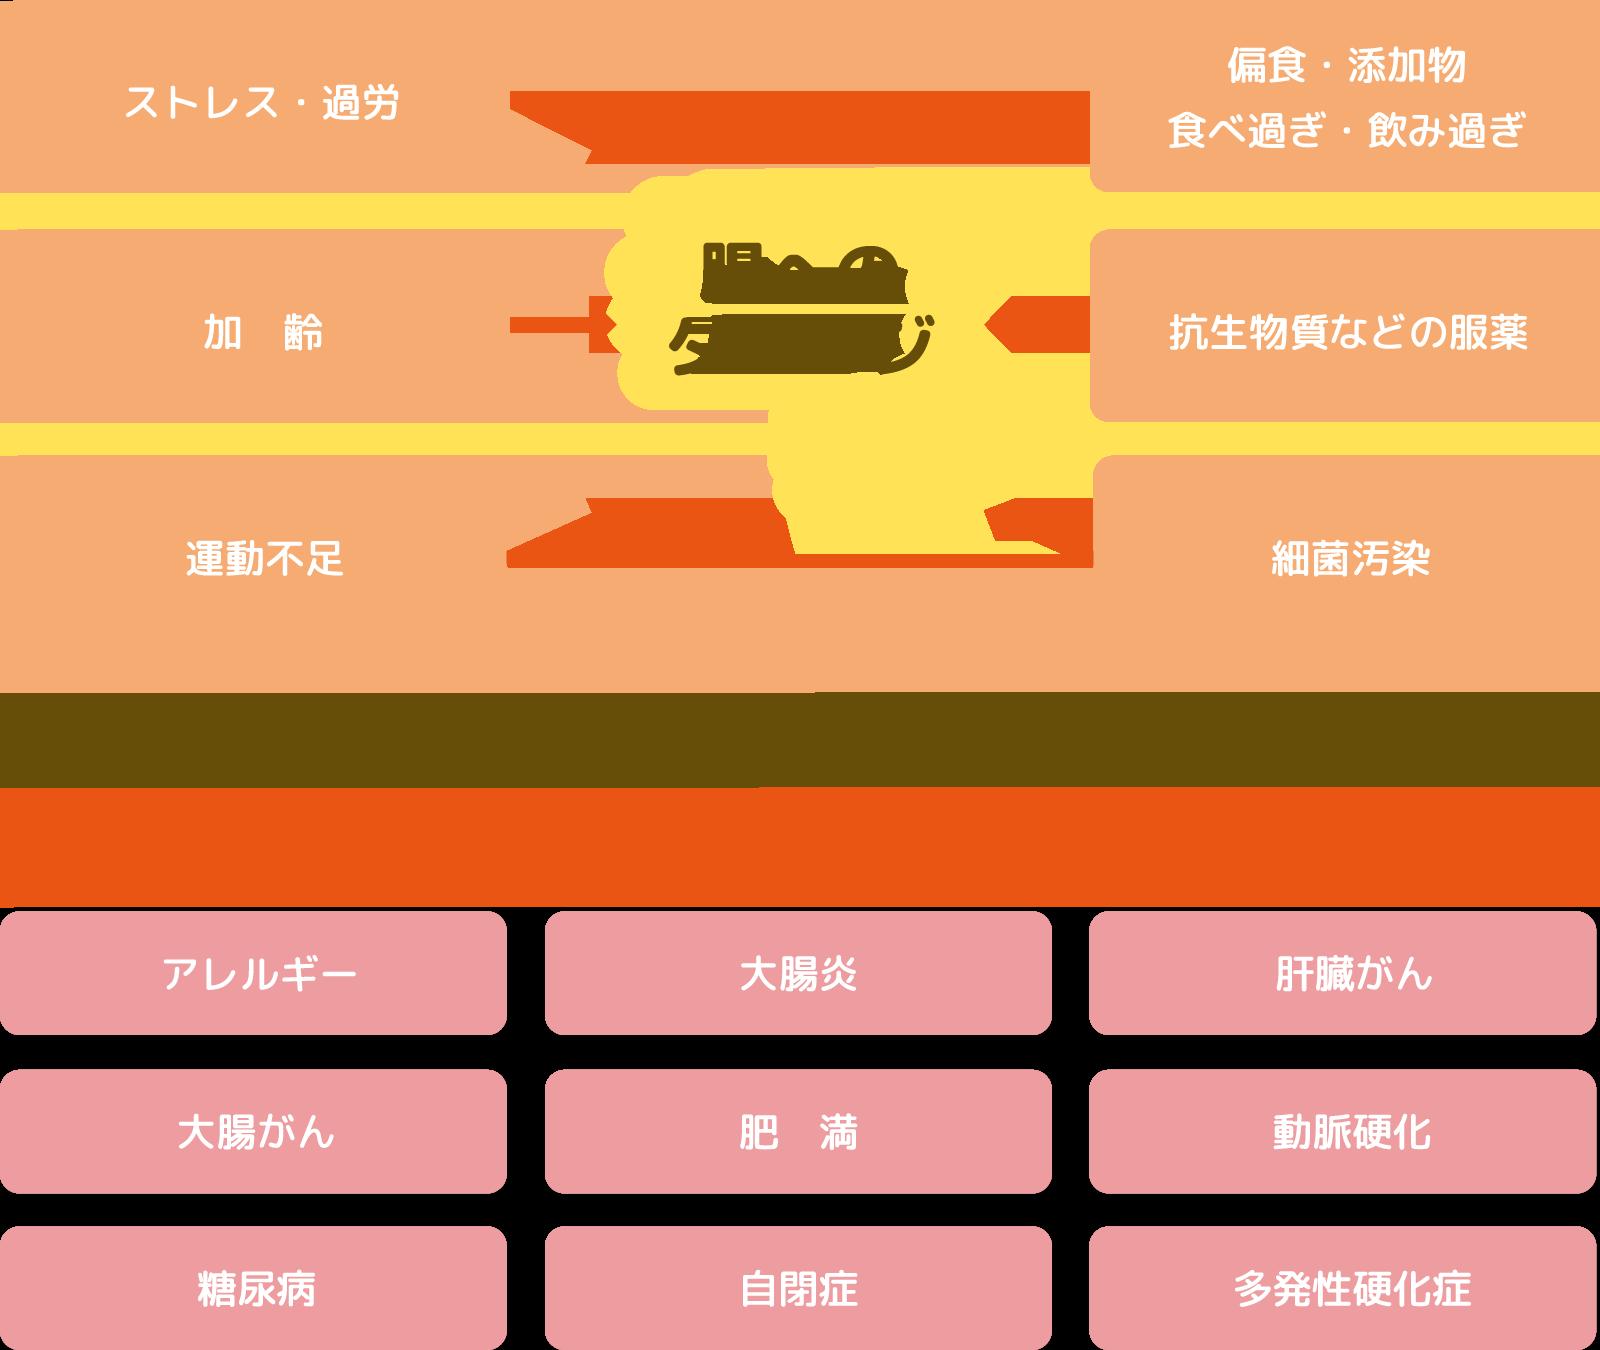 腸へのダメージ(ストレス・過労/加齢/)